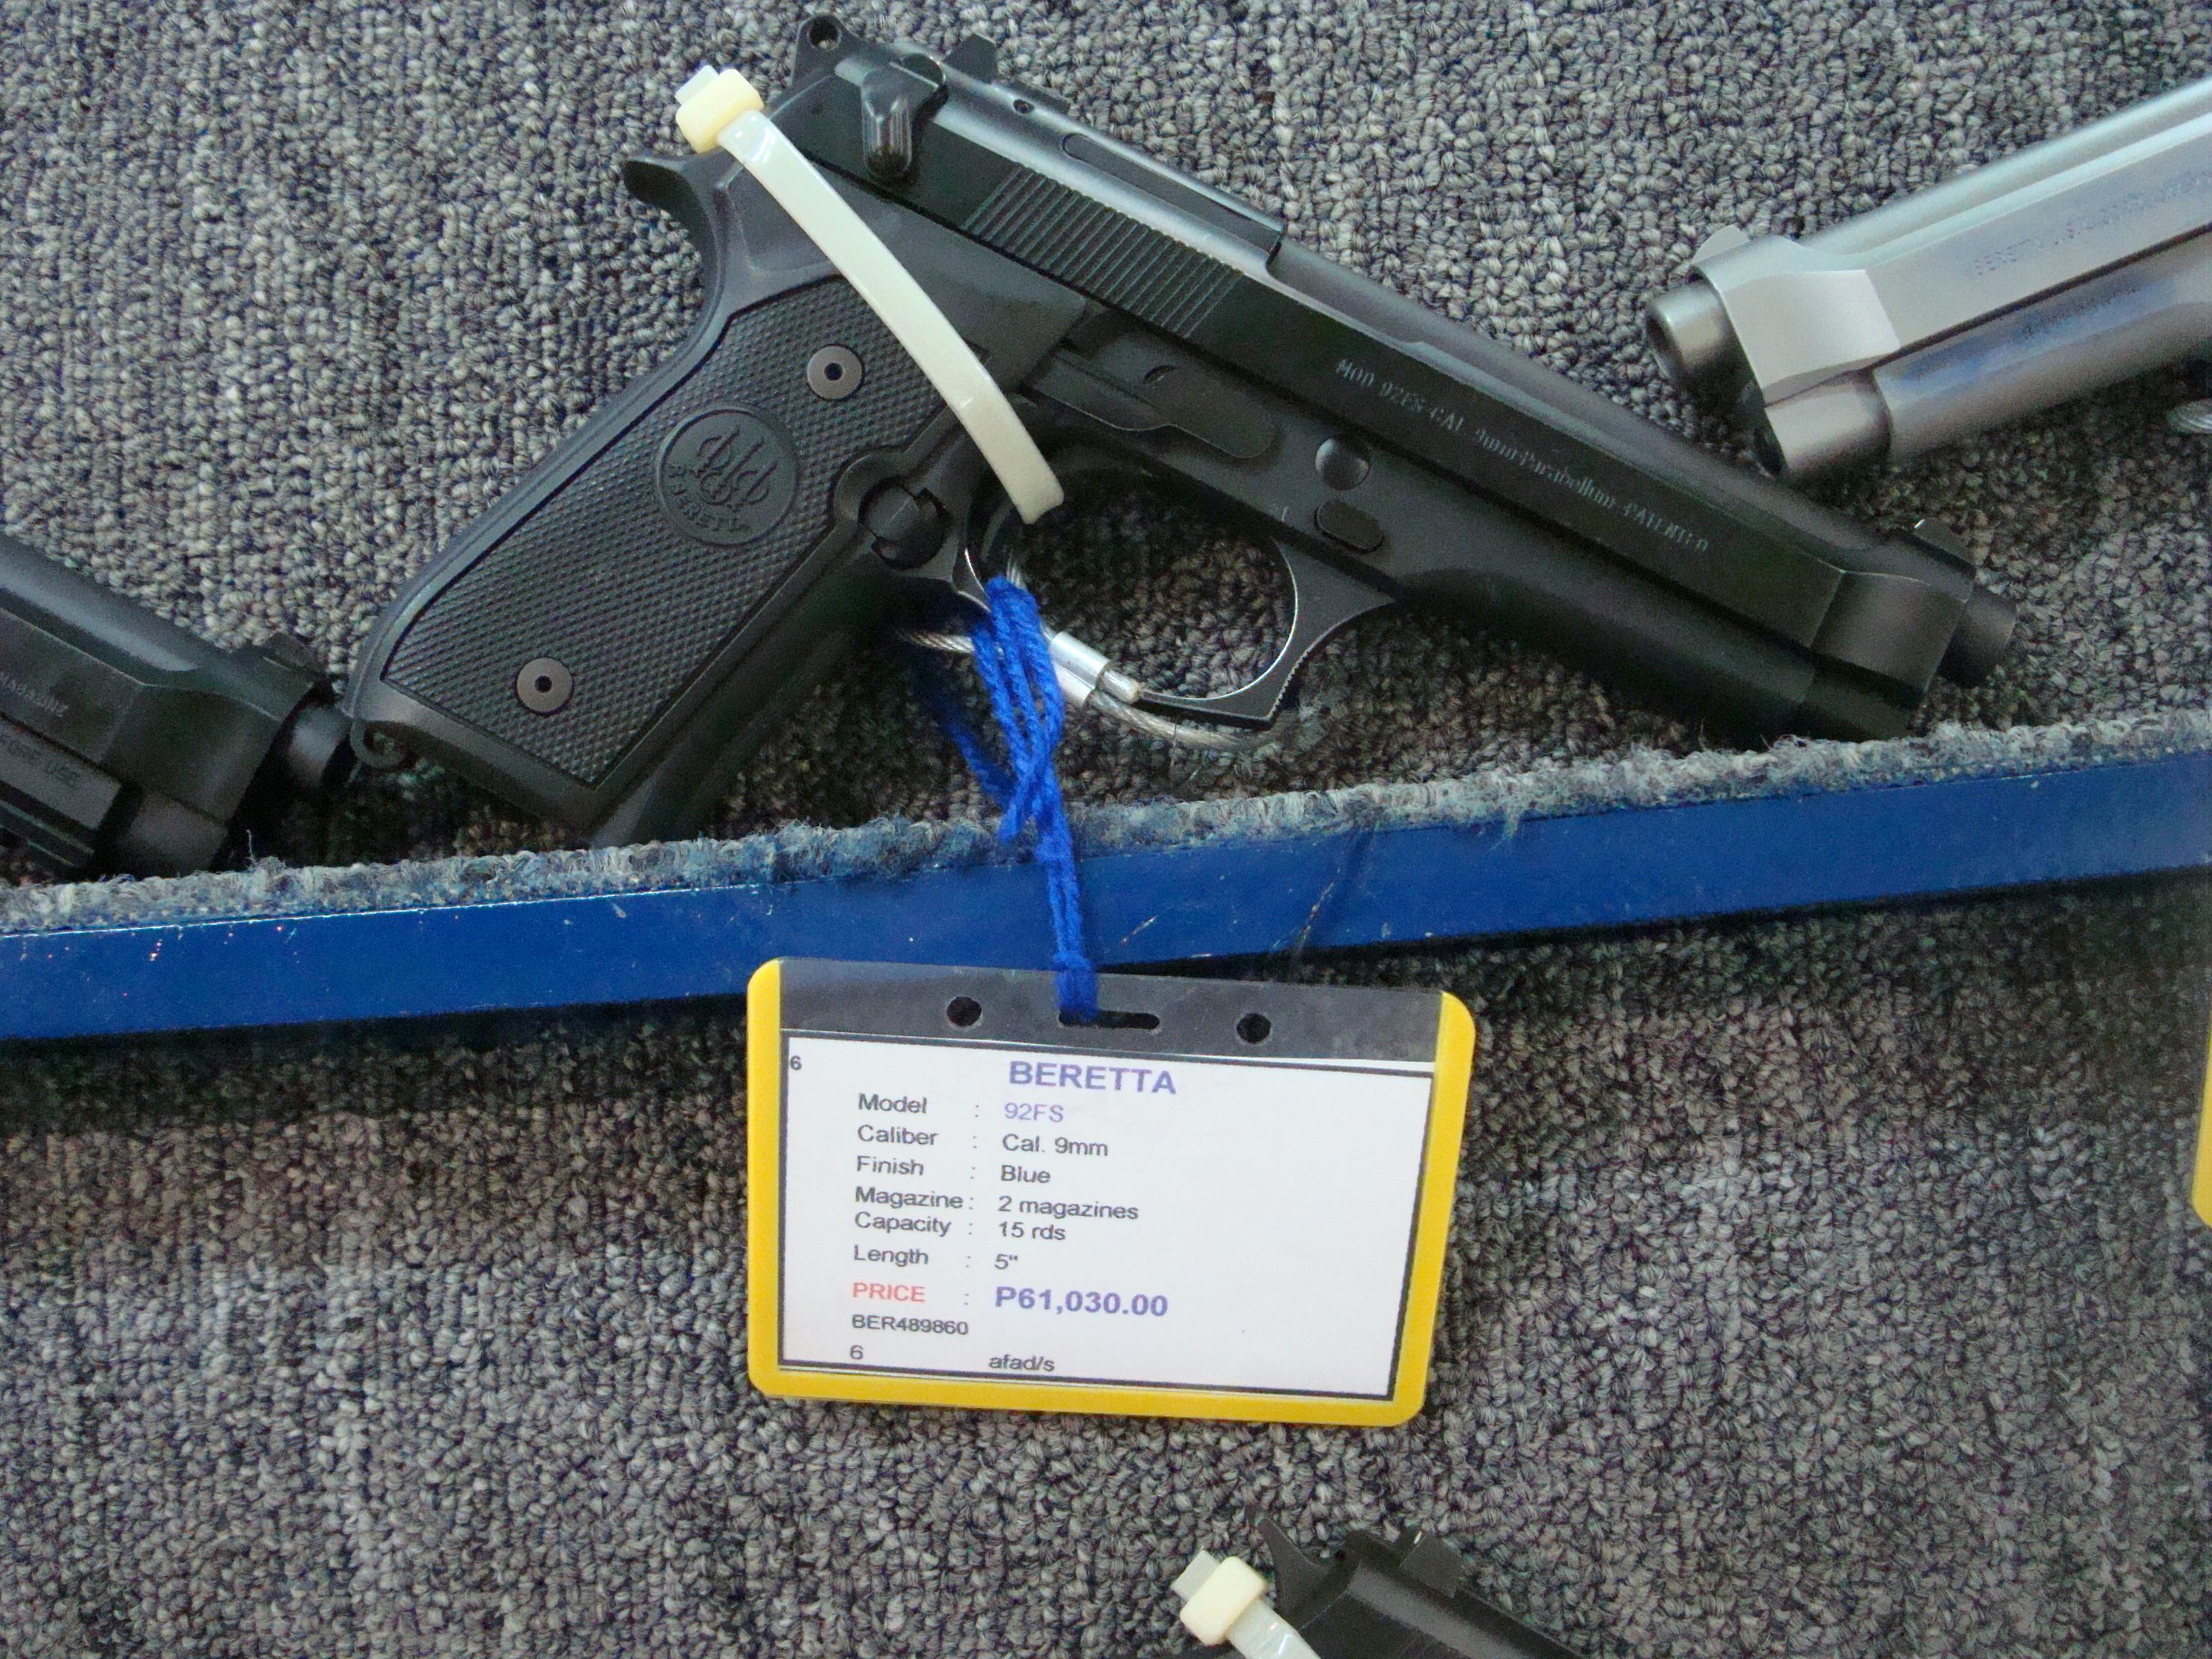 Beretta 9Mm Assault Rifle